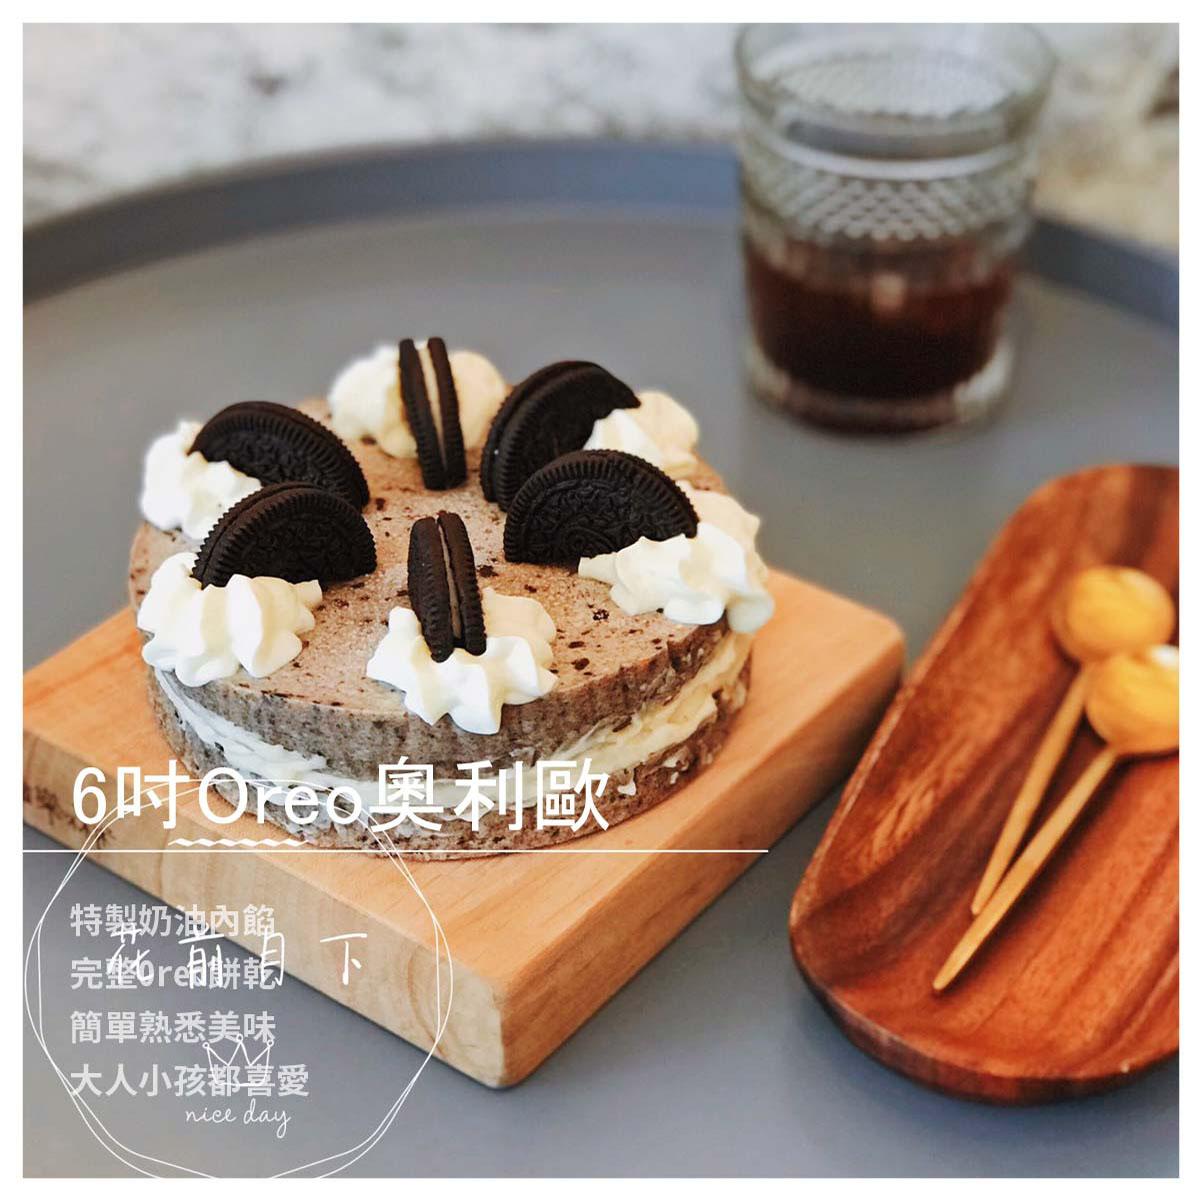 Oreo奧利歐舒芙蕾輕乳酪蛋糕 標準6吋 輕乳酪蛋糕中加入Oreo餅乾,抹上特製奶油內餡 表面擠上香緹放上完整Oreo餅乾 簡單熟悉的美味 營業時間:周二至周六 11:00 - 20:30 / 周日